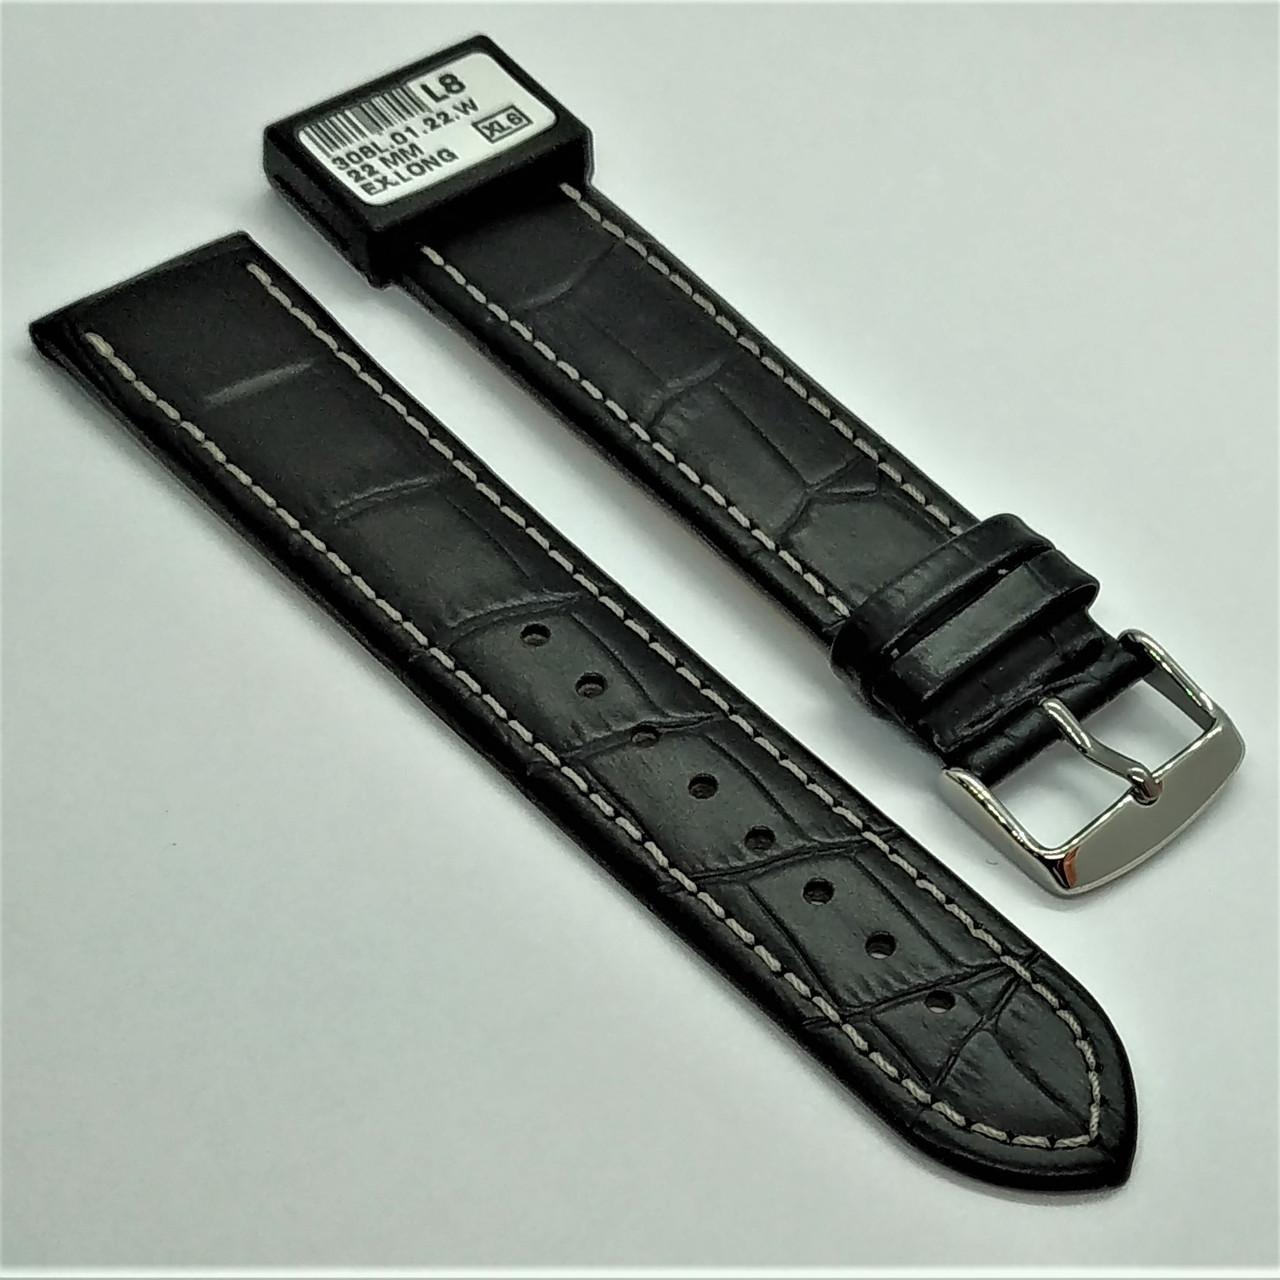 22 мм Кожаный Ремешок для часов CONDOR 308L.22.01 Черный Ремешок на часы из Натуральной кожи удлиненный